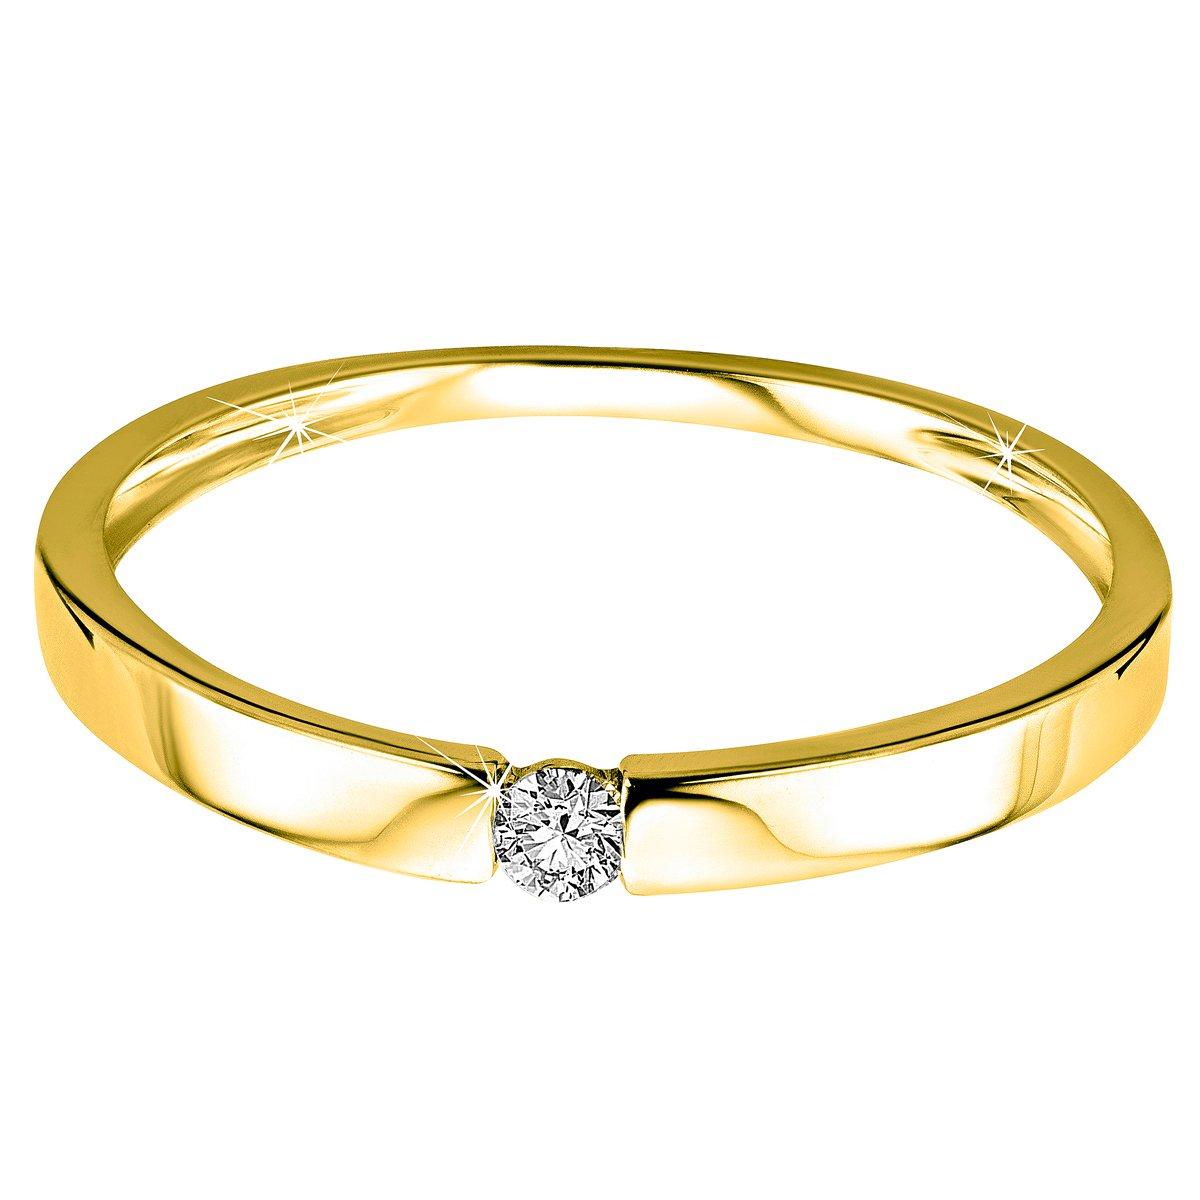 Orovi anillo de mujer solitario 0.05 Quilates diamantes en oro amarillo 9 kilates ley 375: Amazon.es: Joyería